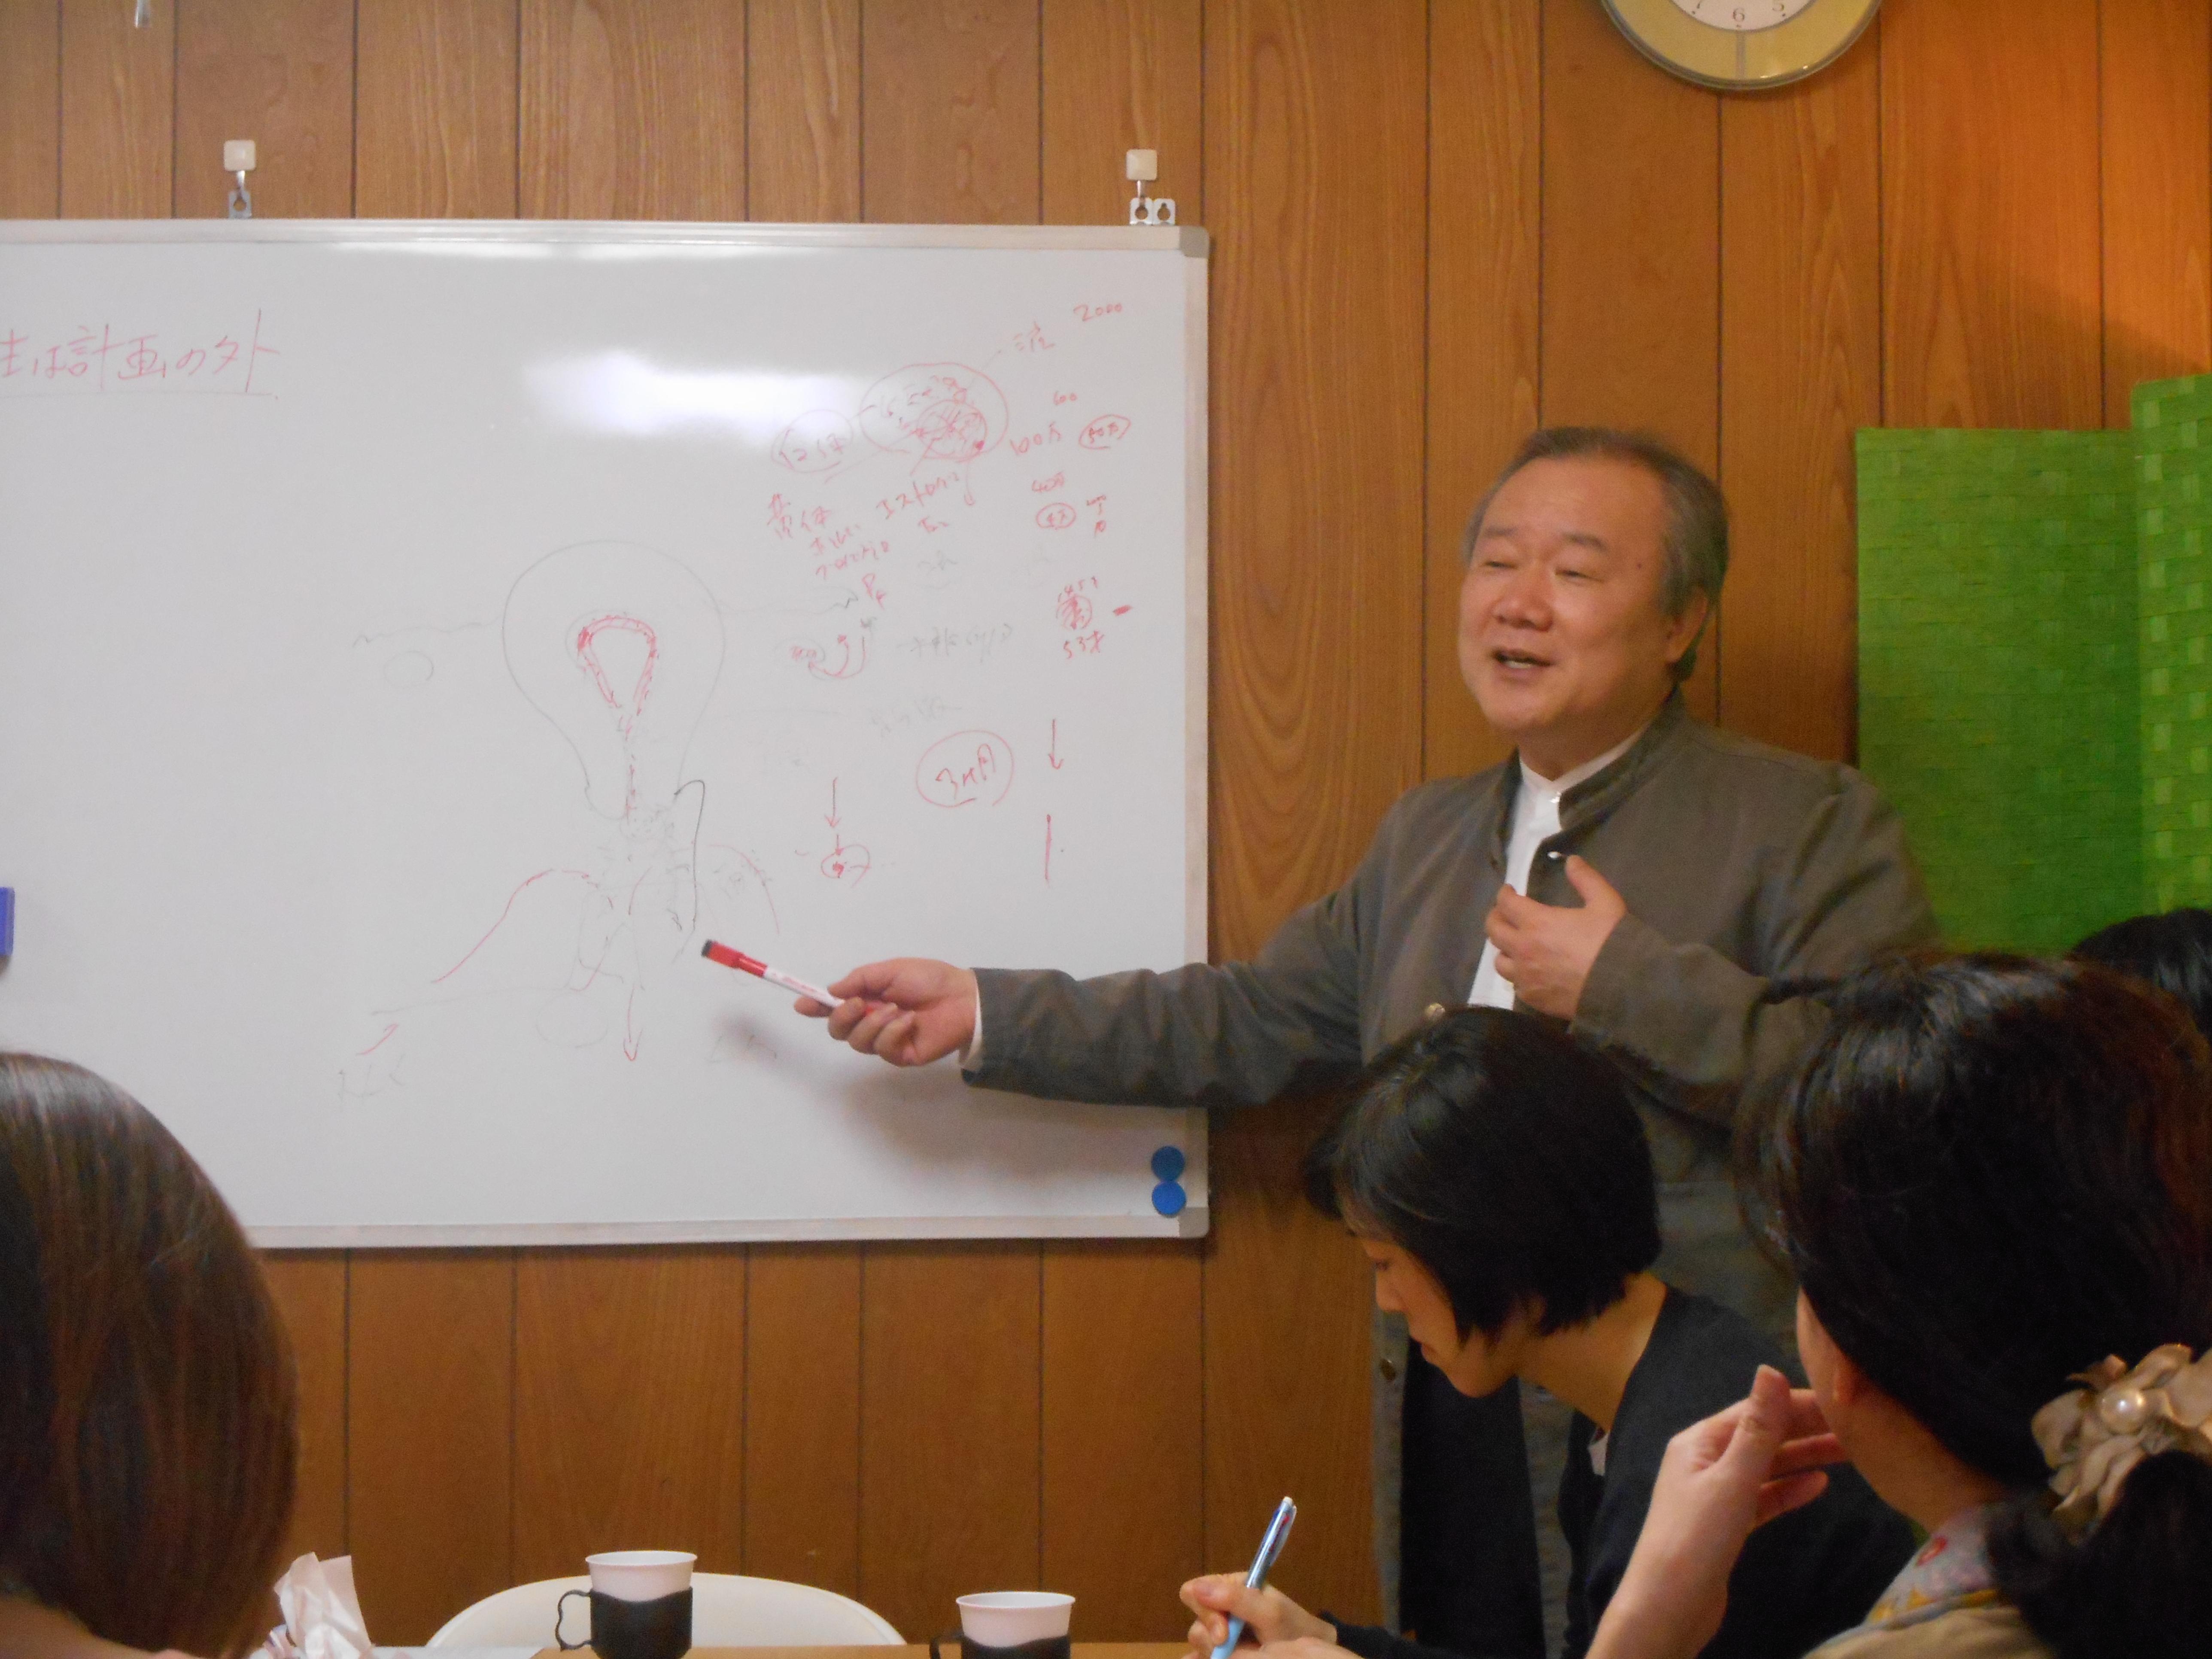 DSCN1169 - 愛の子育て塾14期第4講座